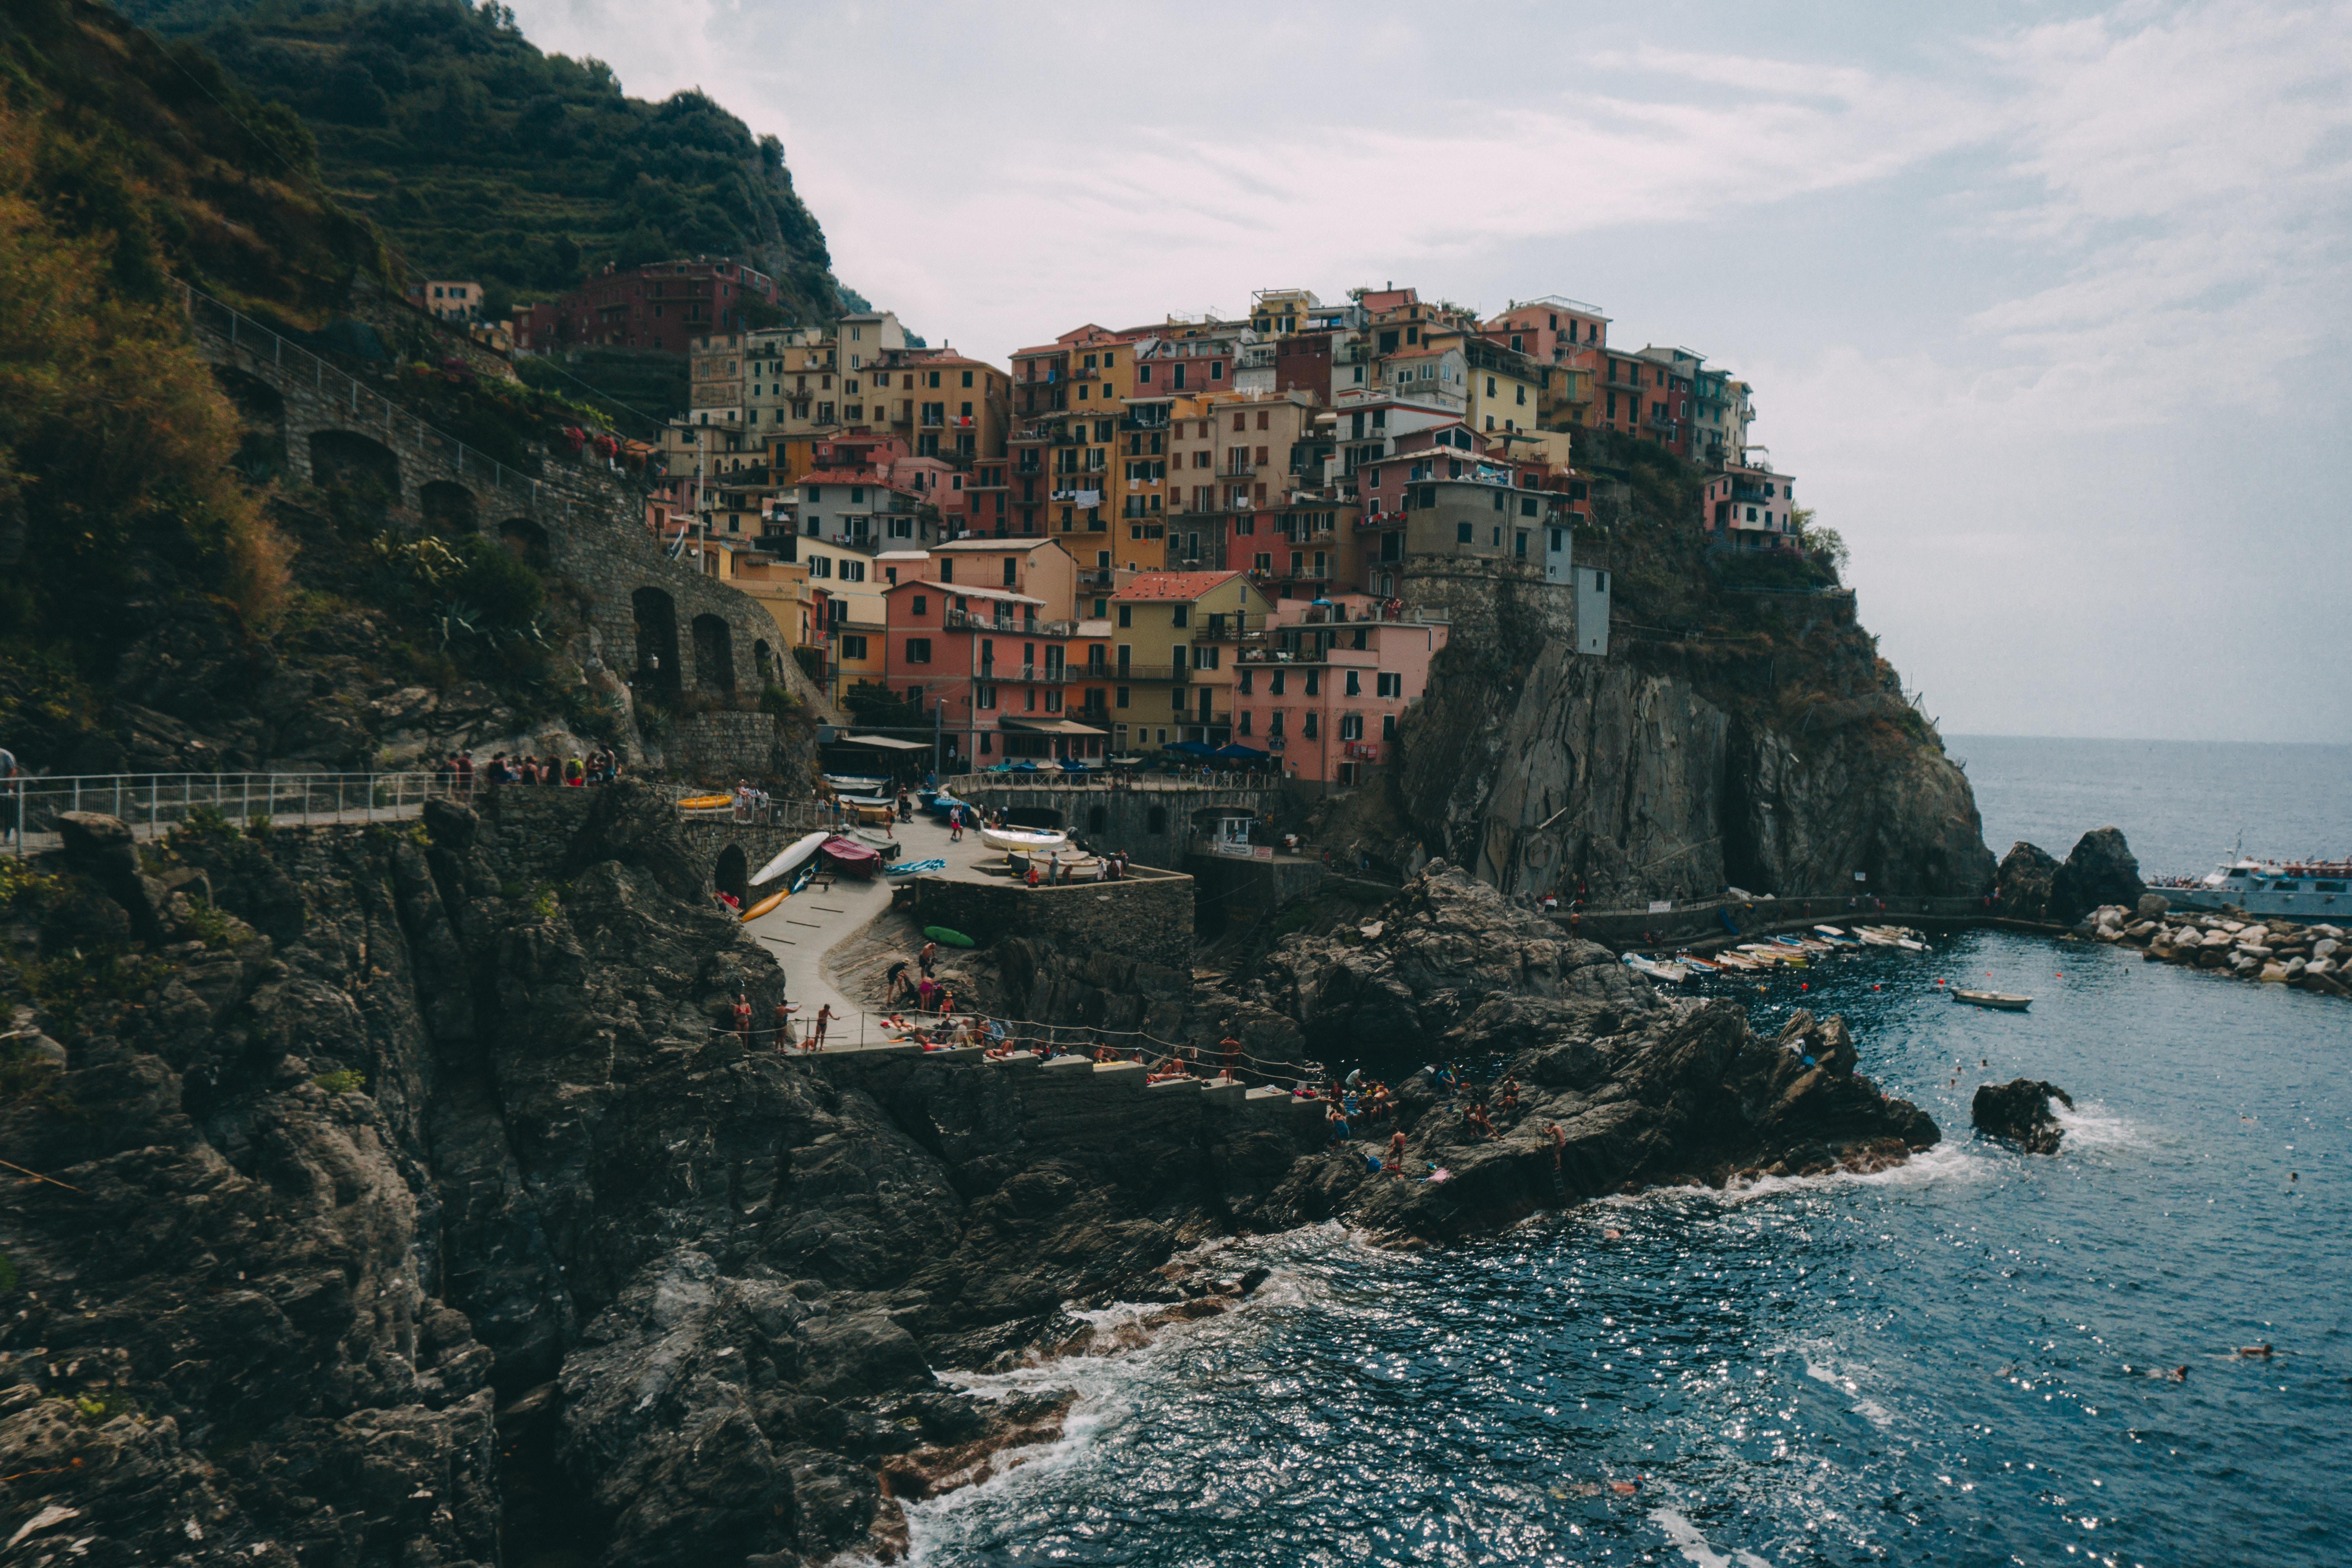 houses on mountain